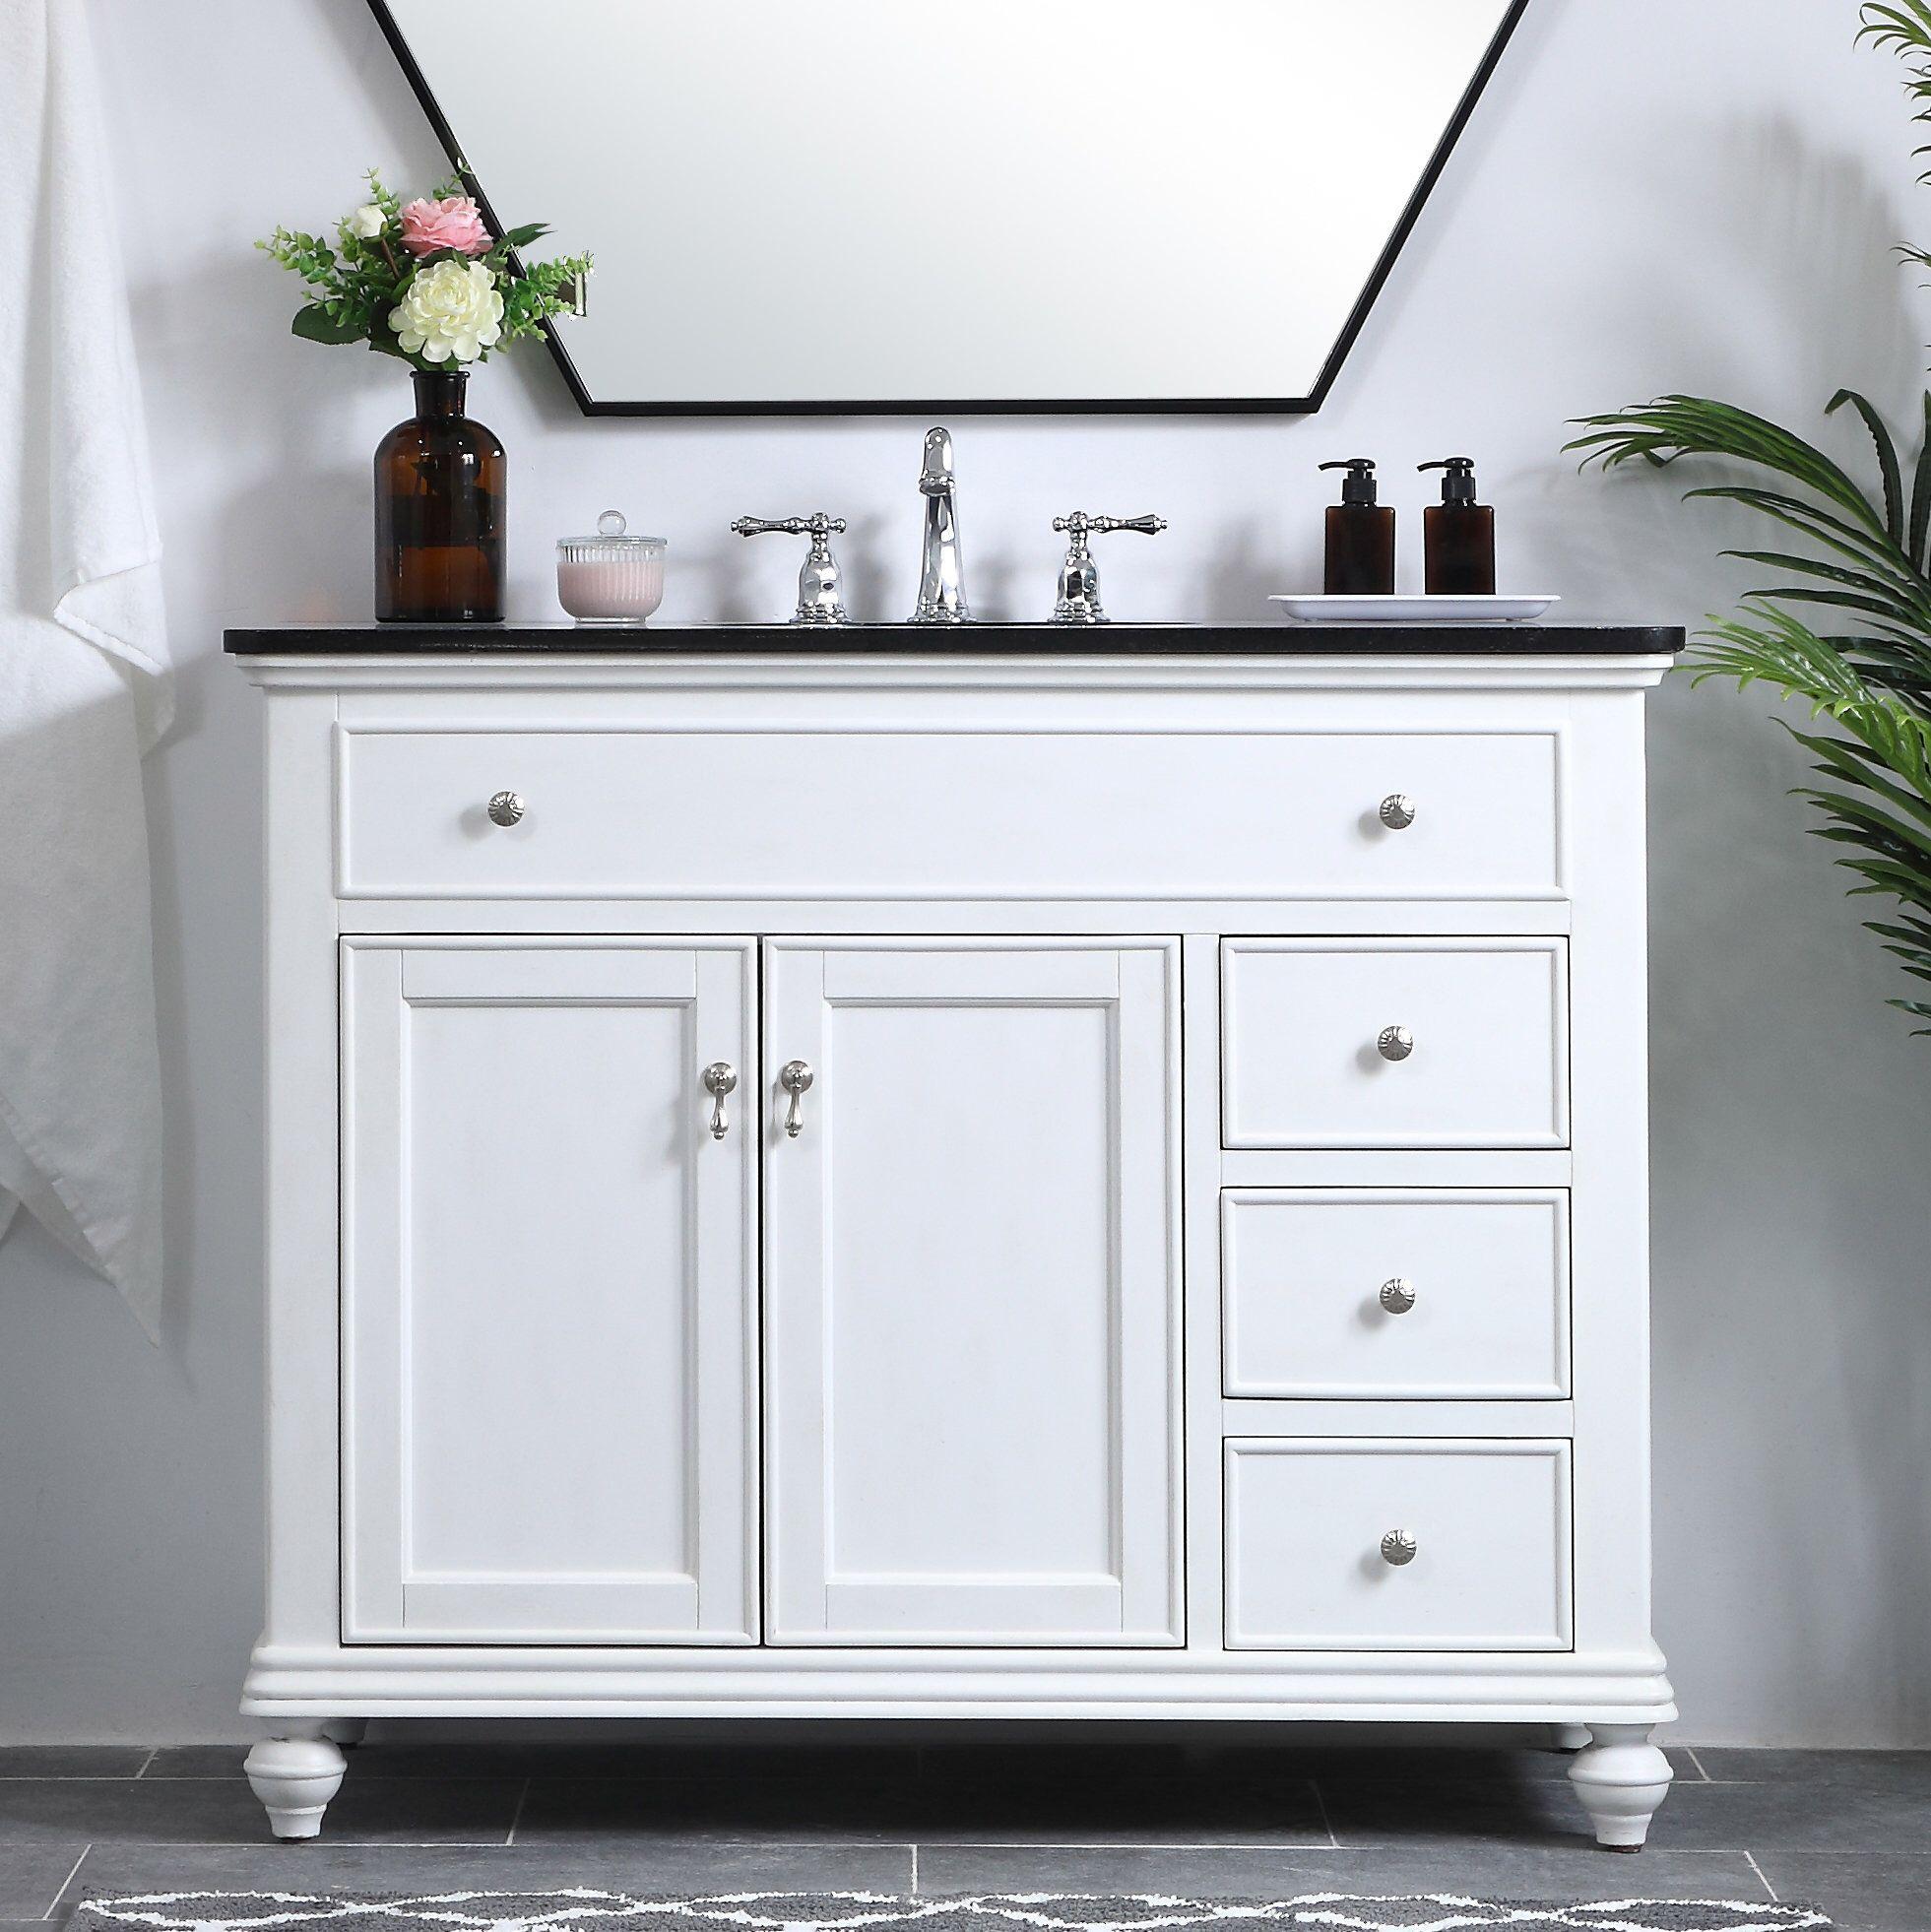 Pin On Bath Ideas